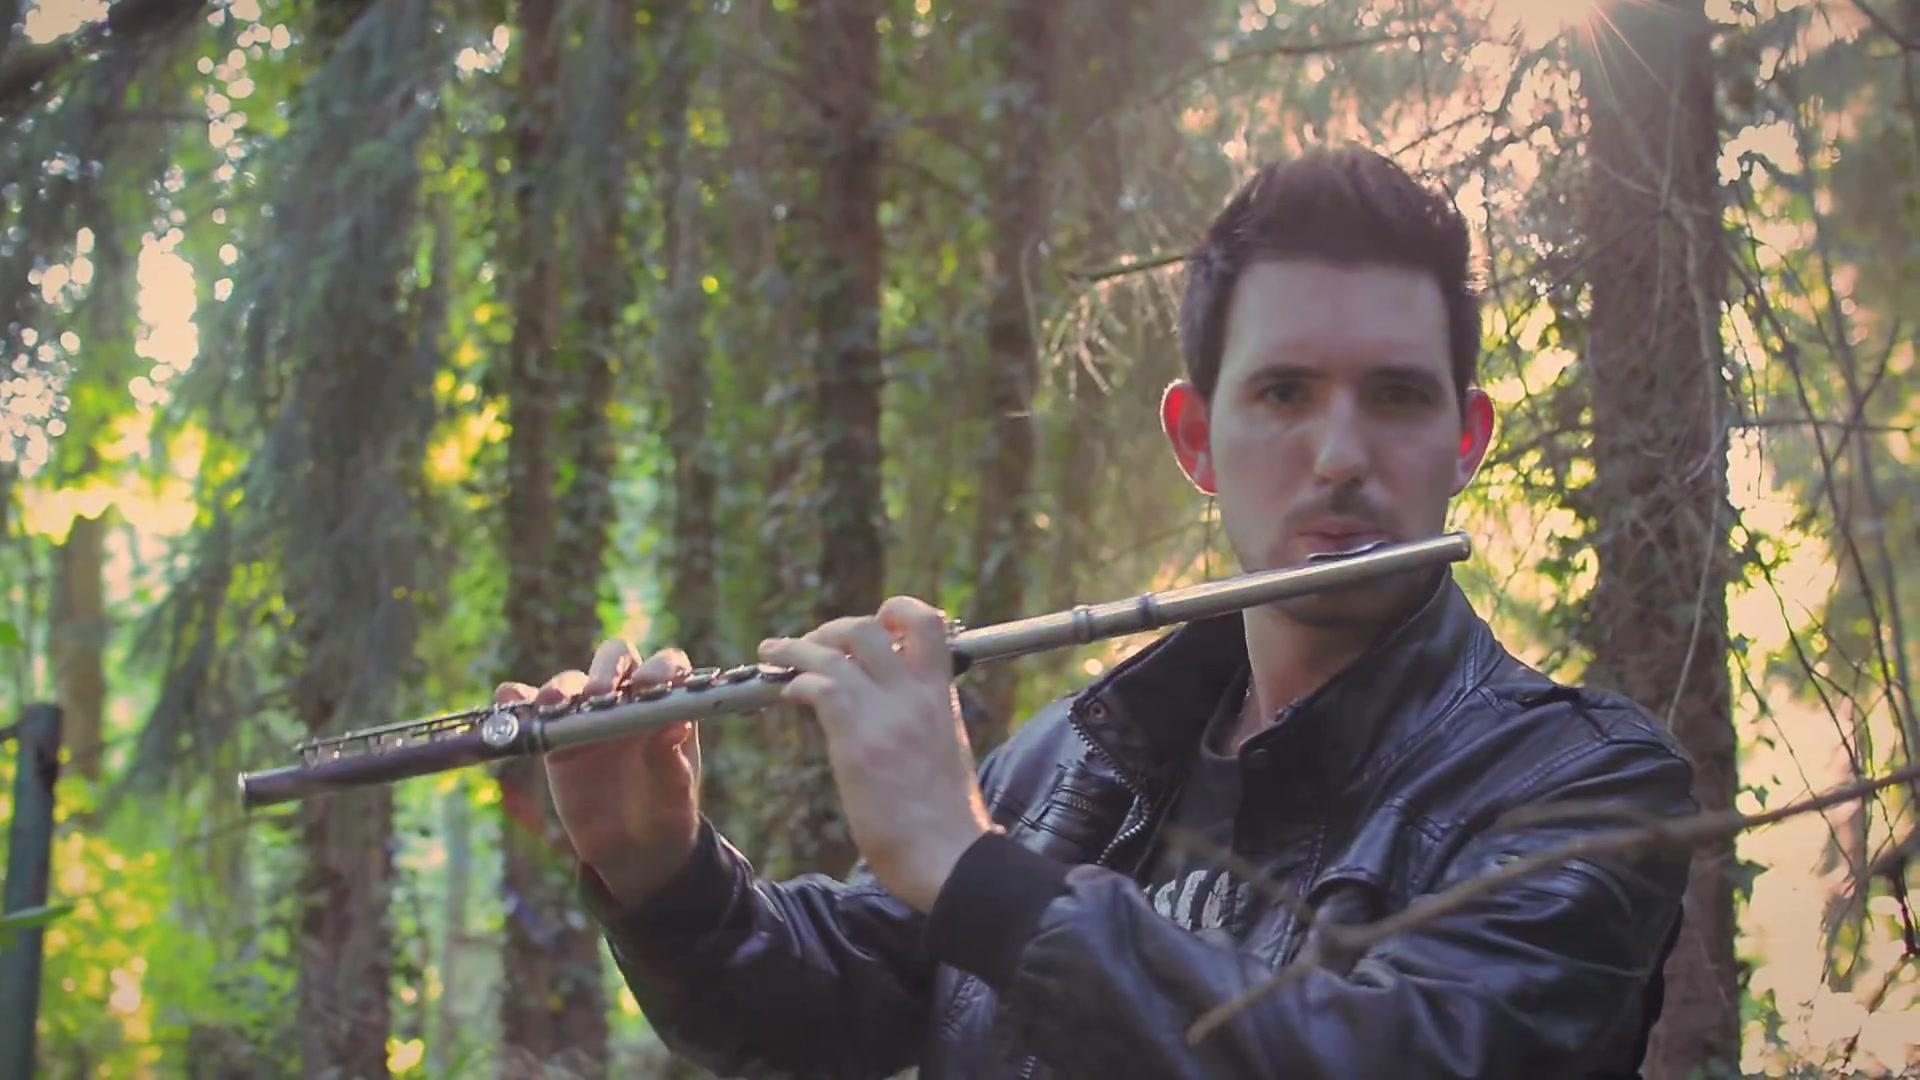 【权利的游戏·长笛】game of thrones - soundtrack - flute cover